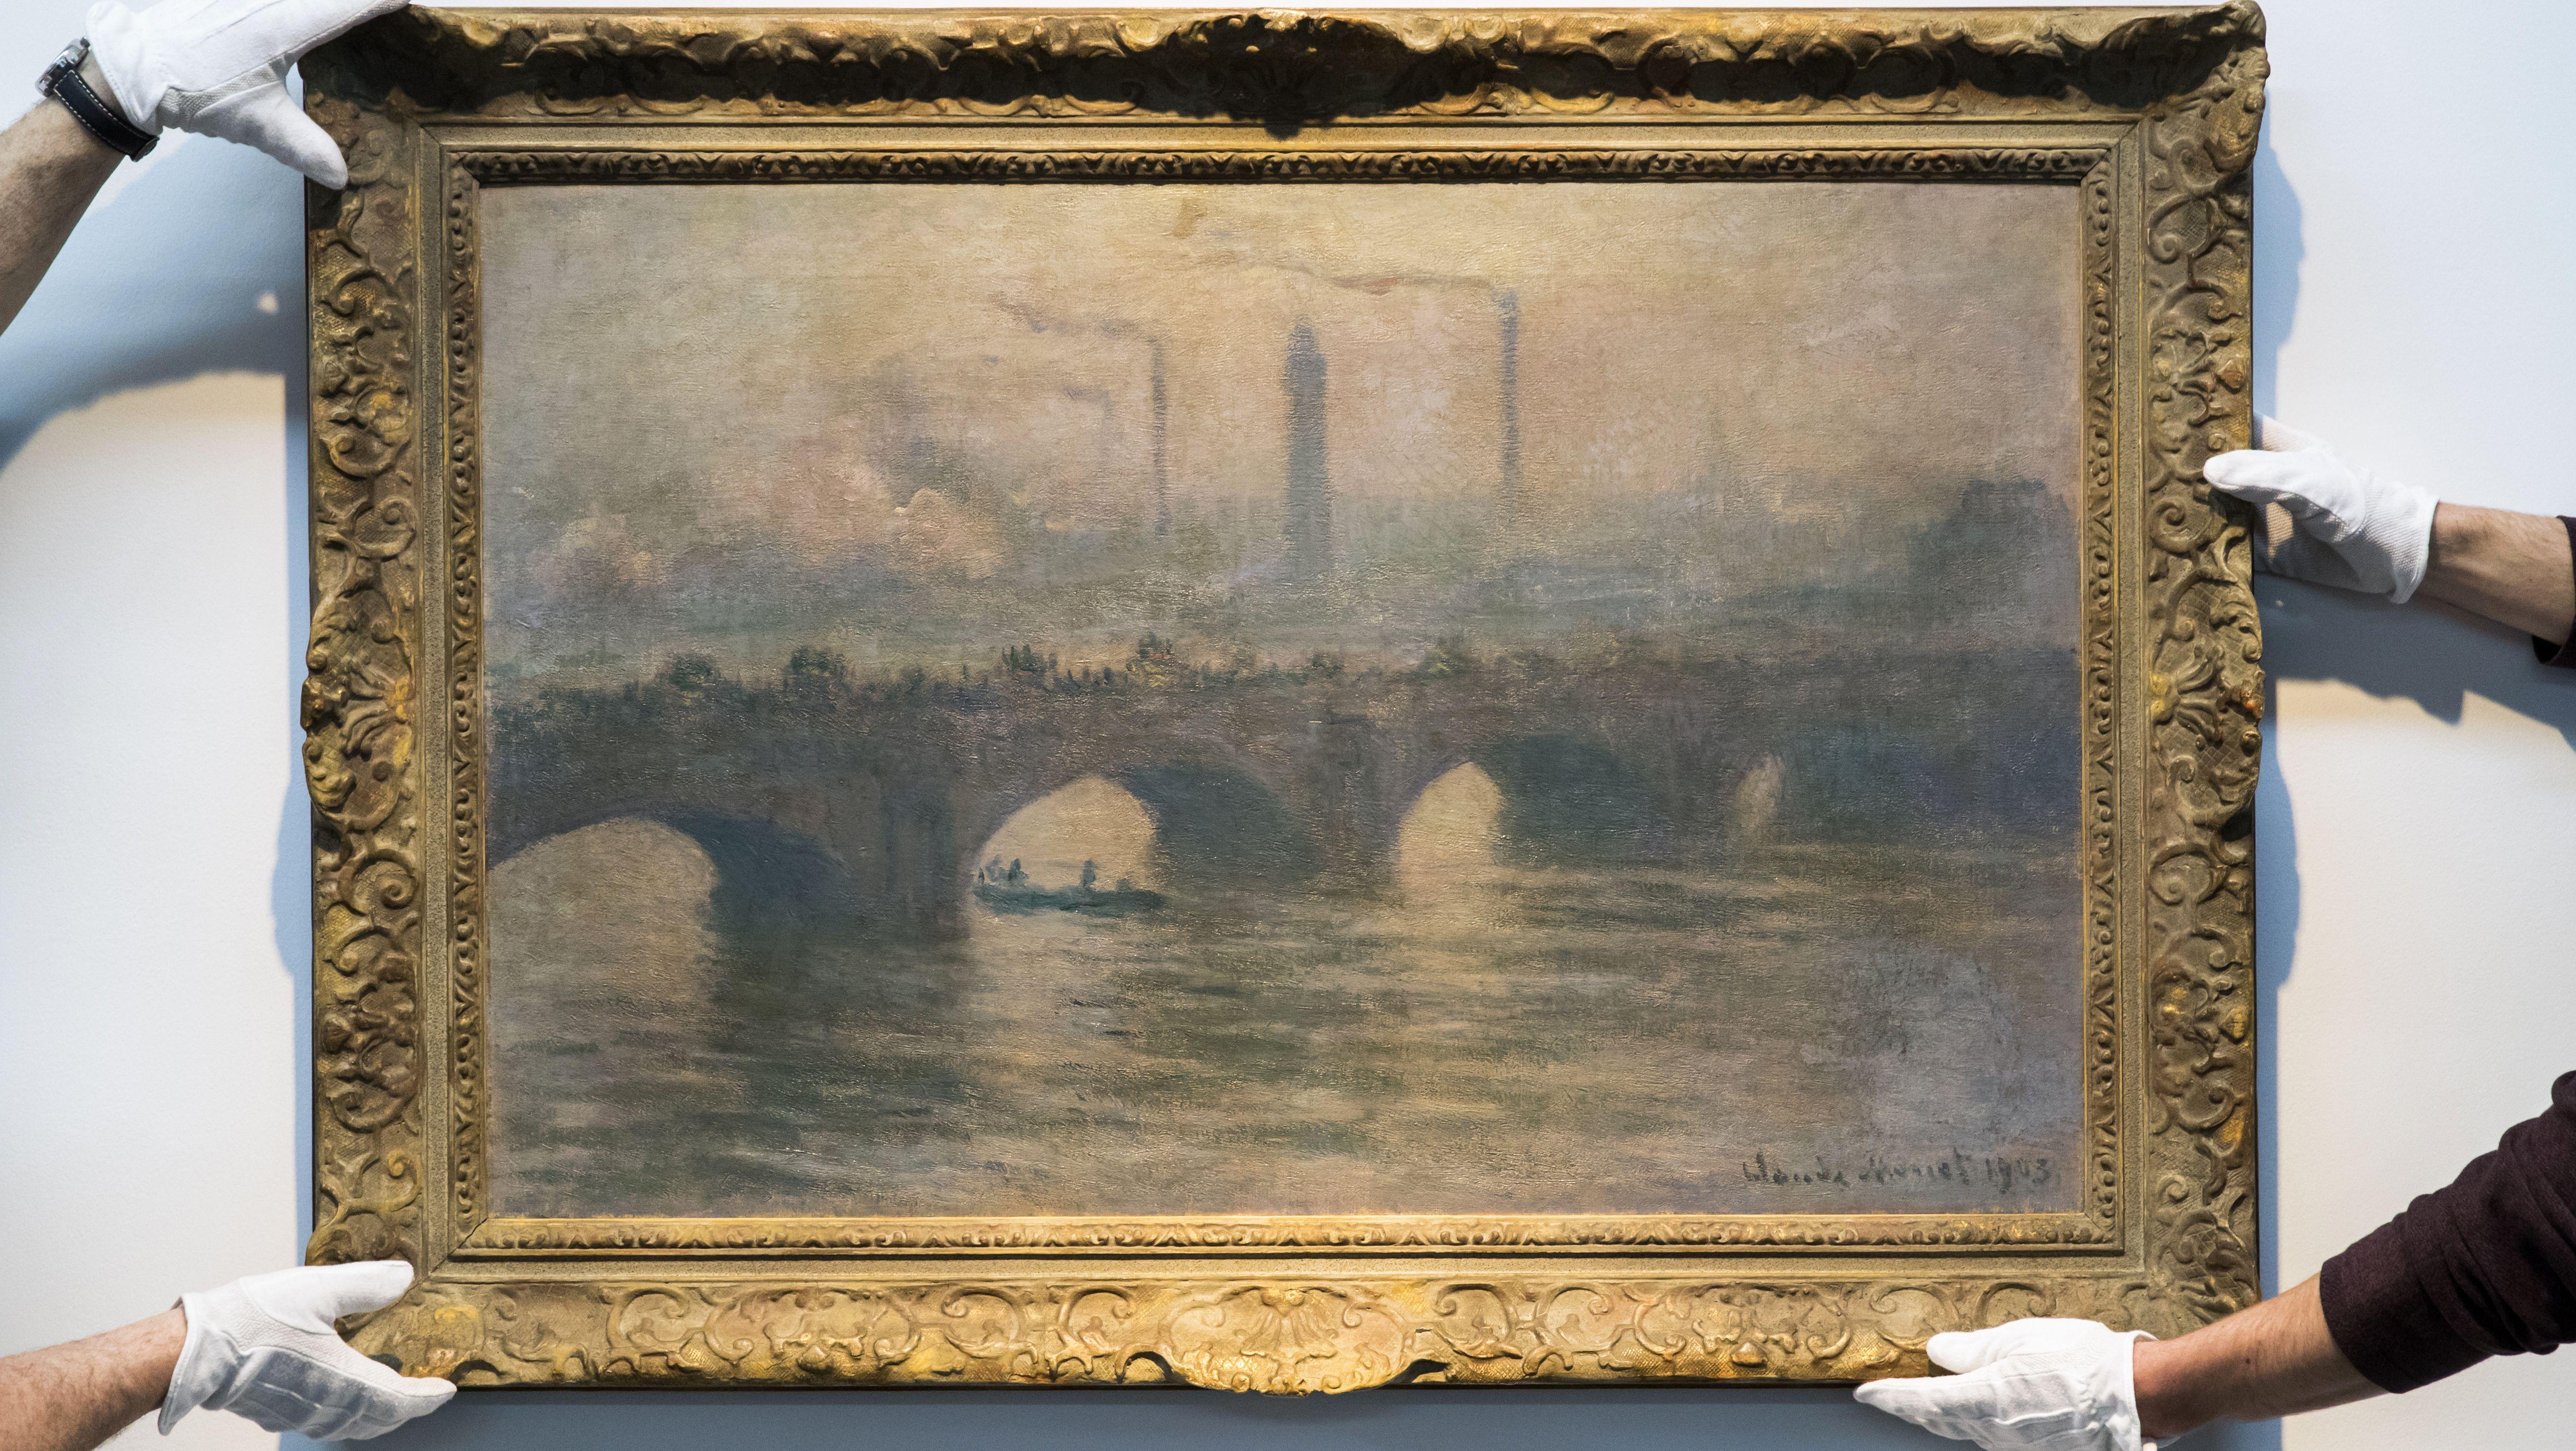 Kunstdiebe entwenden Gemälde, Schmuck und Juwelen bei den größten Kunstrauben der letzten Jahre. (Symbolbild)